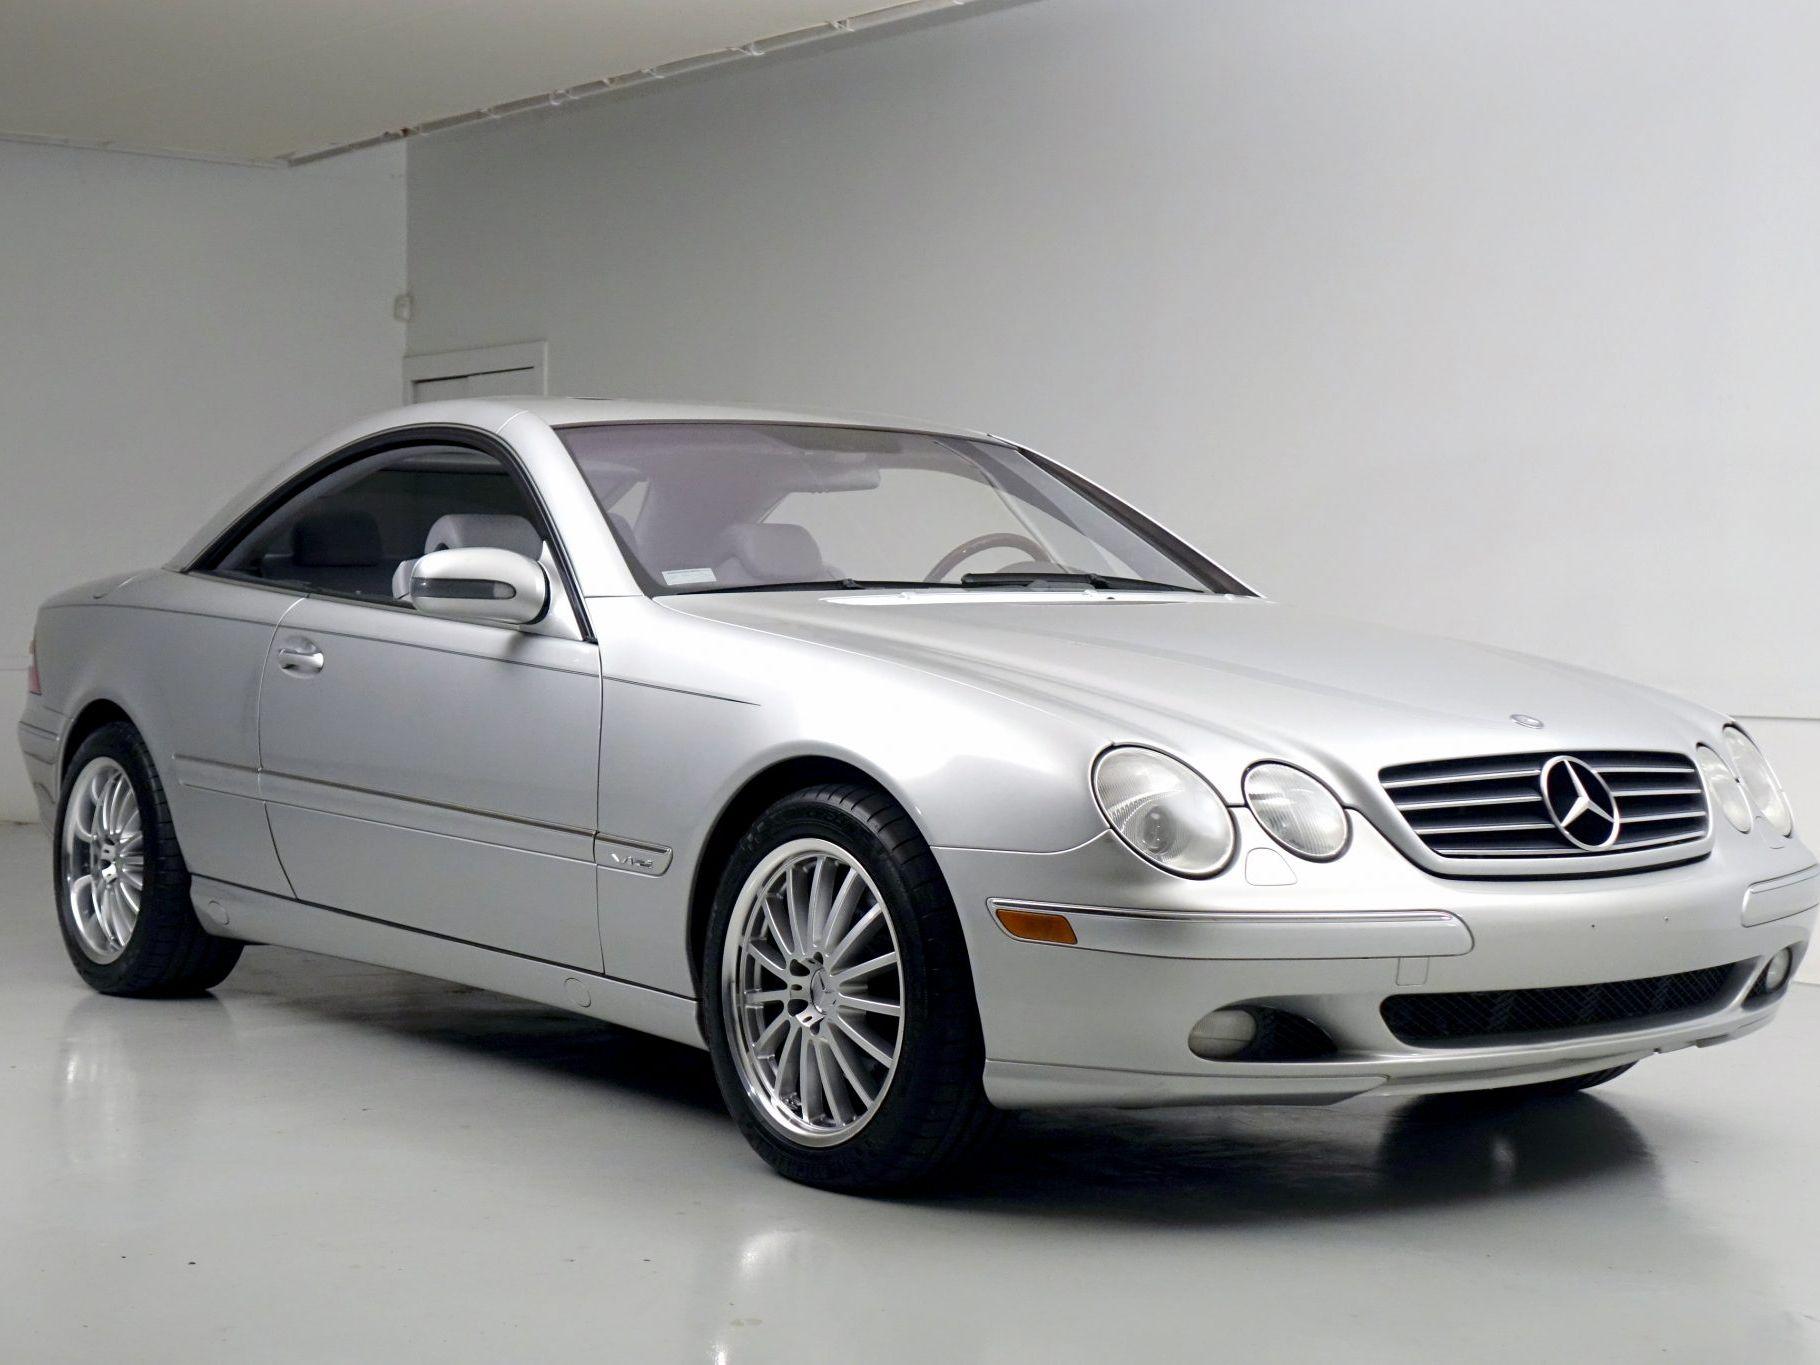 2002 Mercedes-Benz CL600